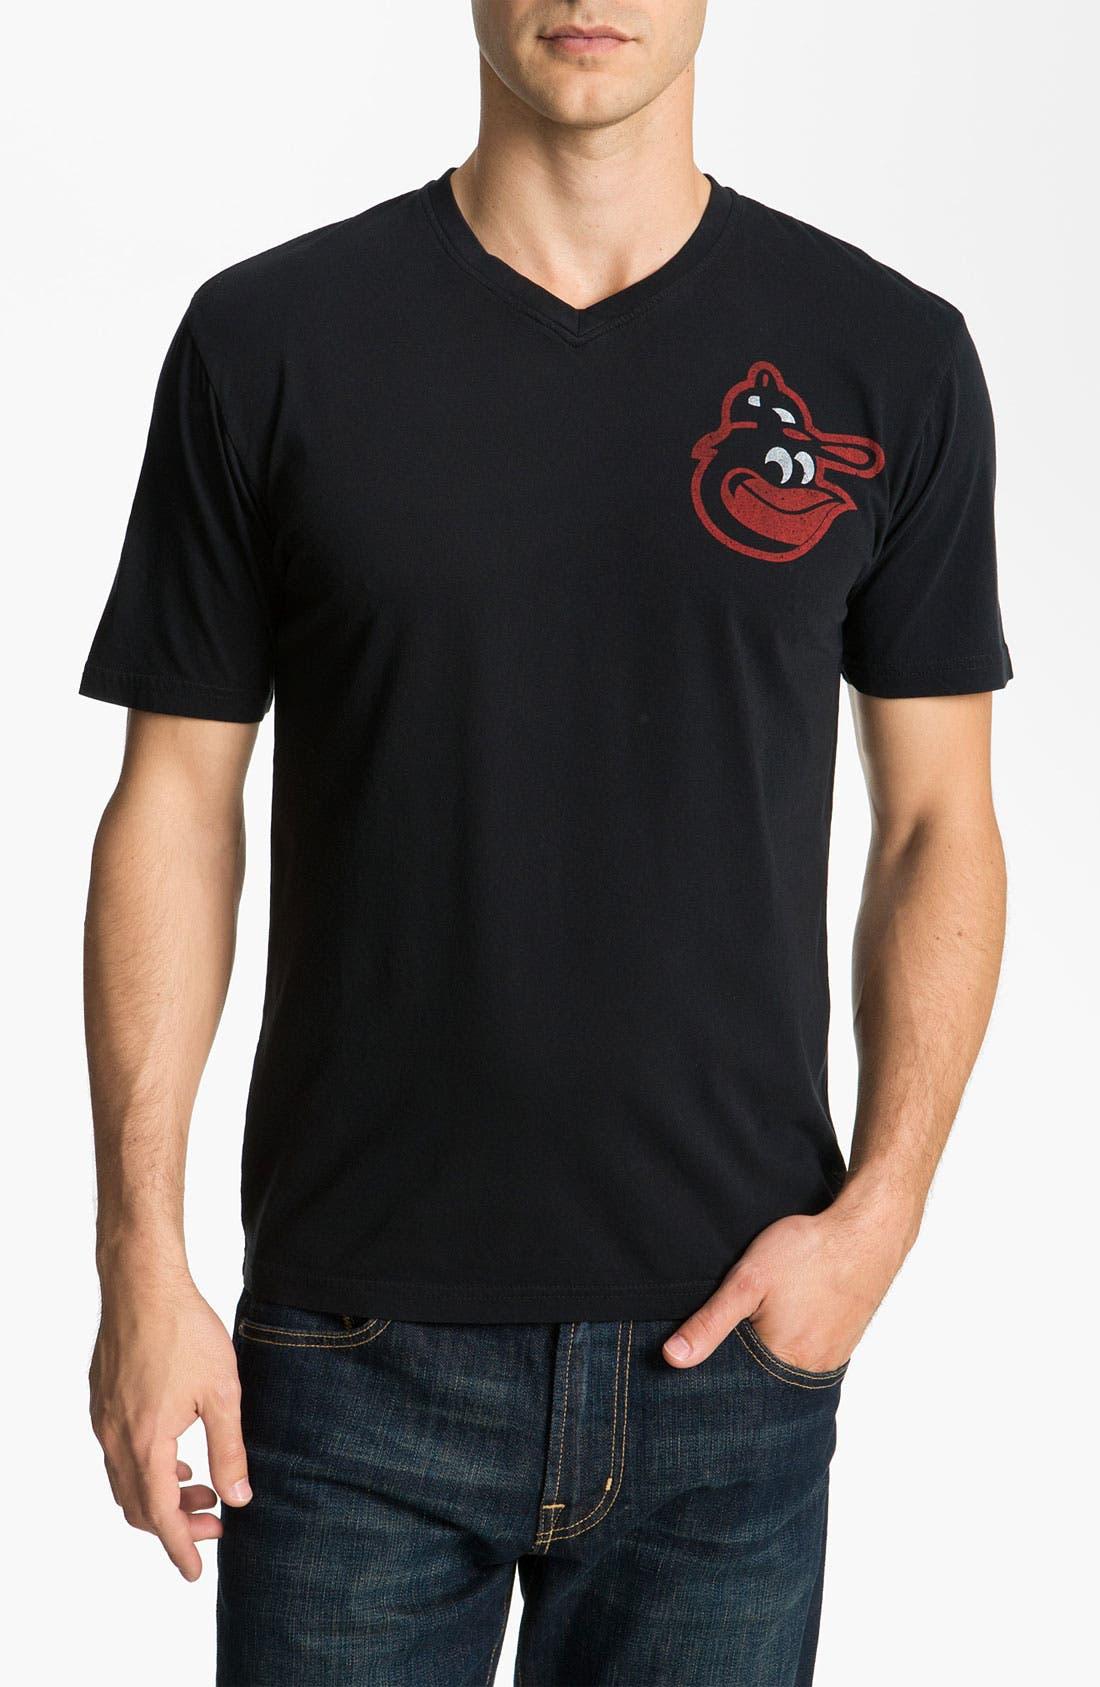 Alternate Image 1 Selected - Red Jacket 'Orioles - Huron' V-Neck T-Shirt